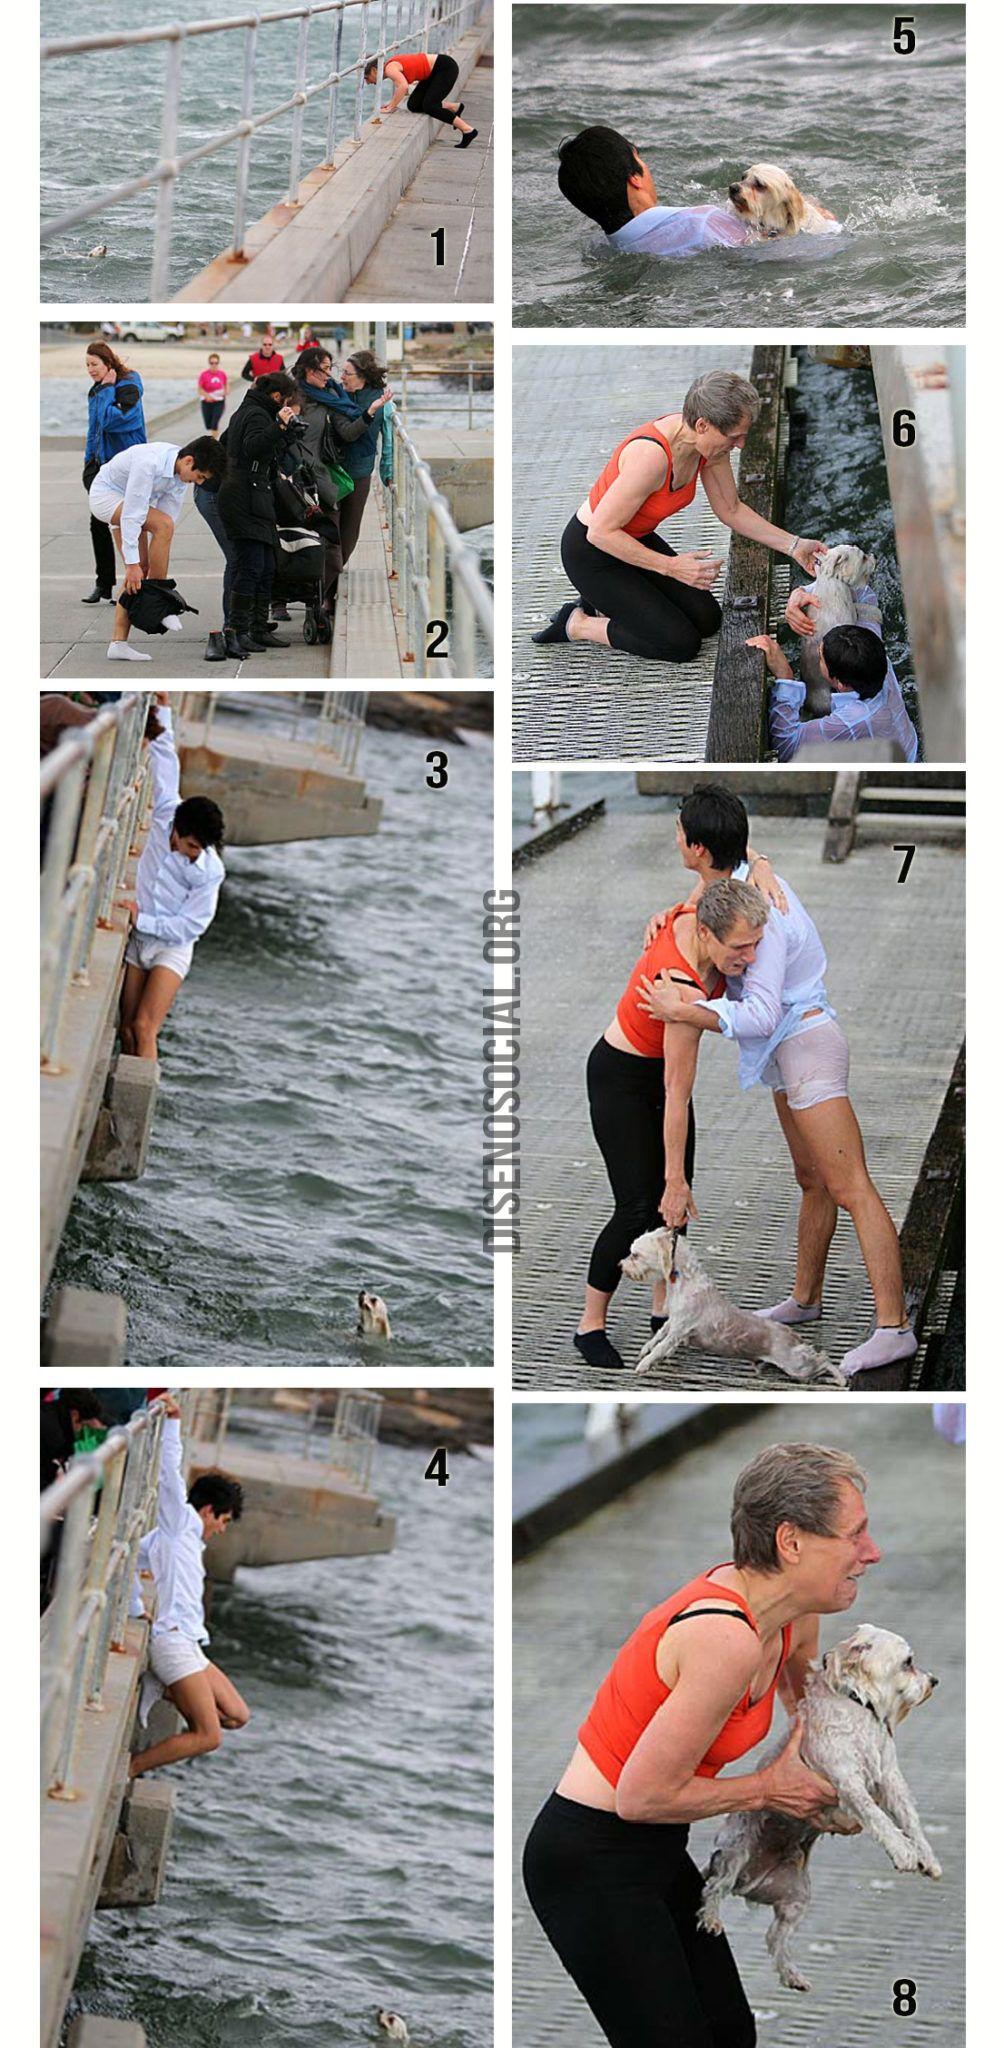 Estas imágenes de un desconocido que salta en aguas turbulentas para rescatar al pequeño Shih Tzu, en Melbourne